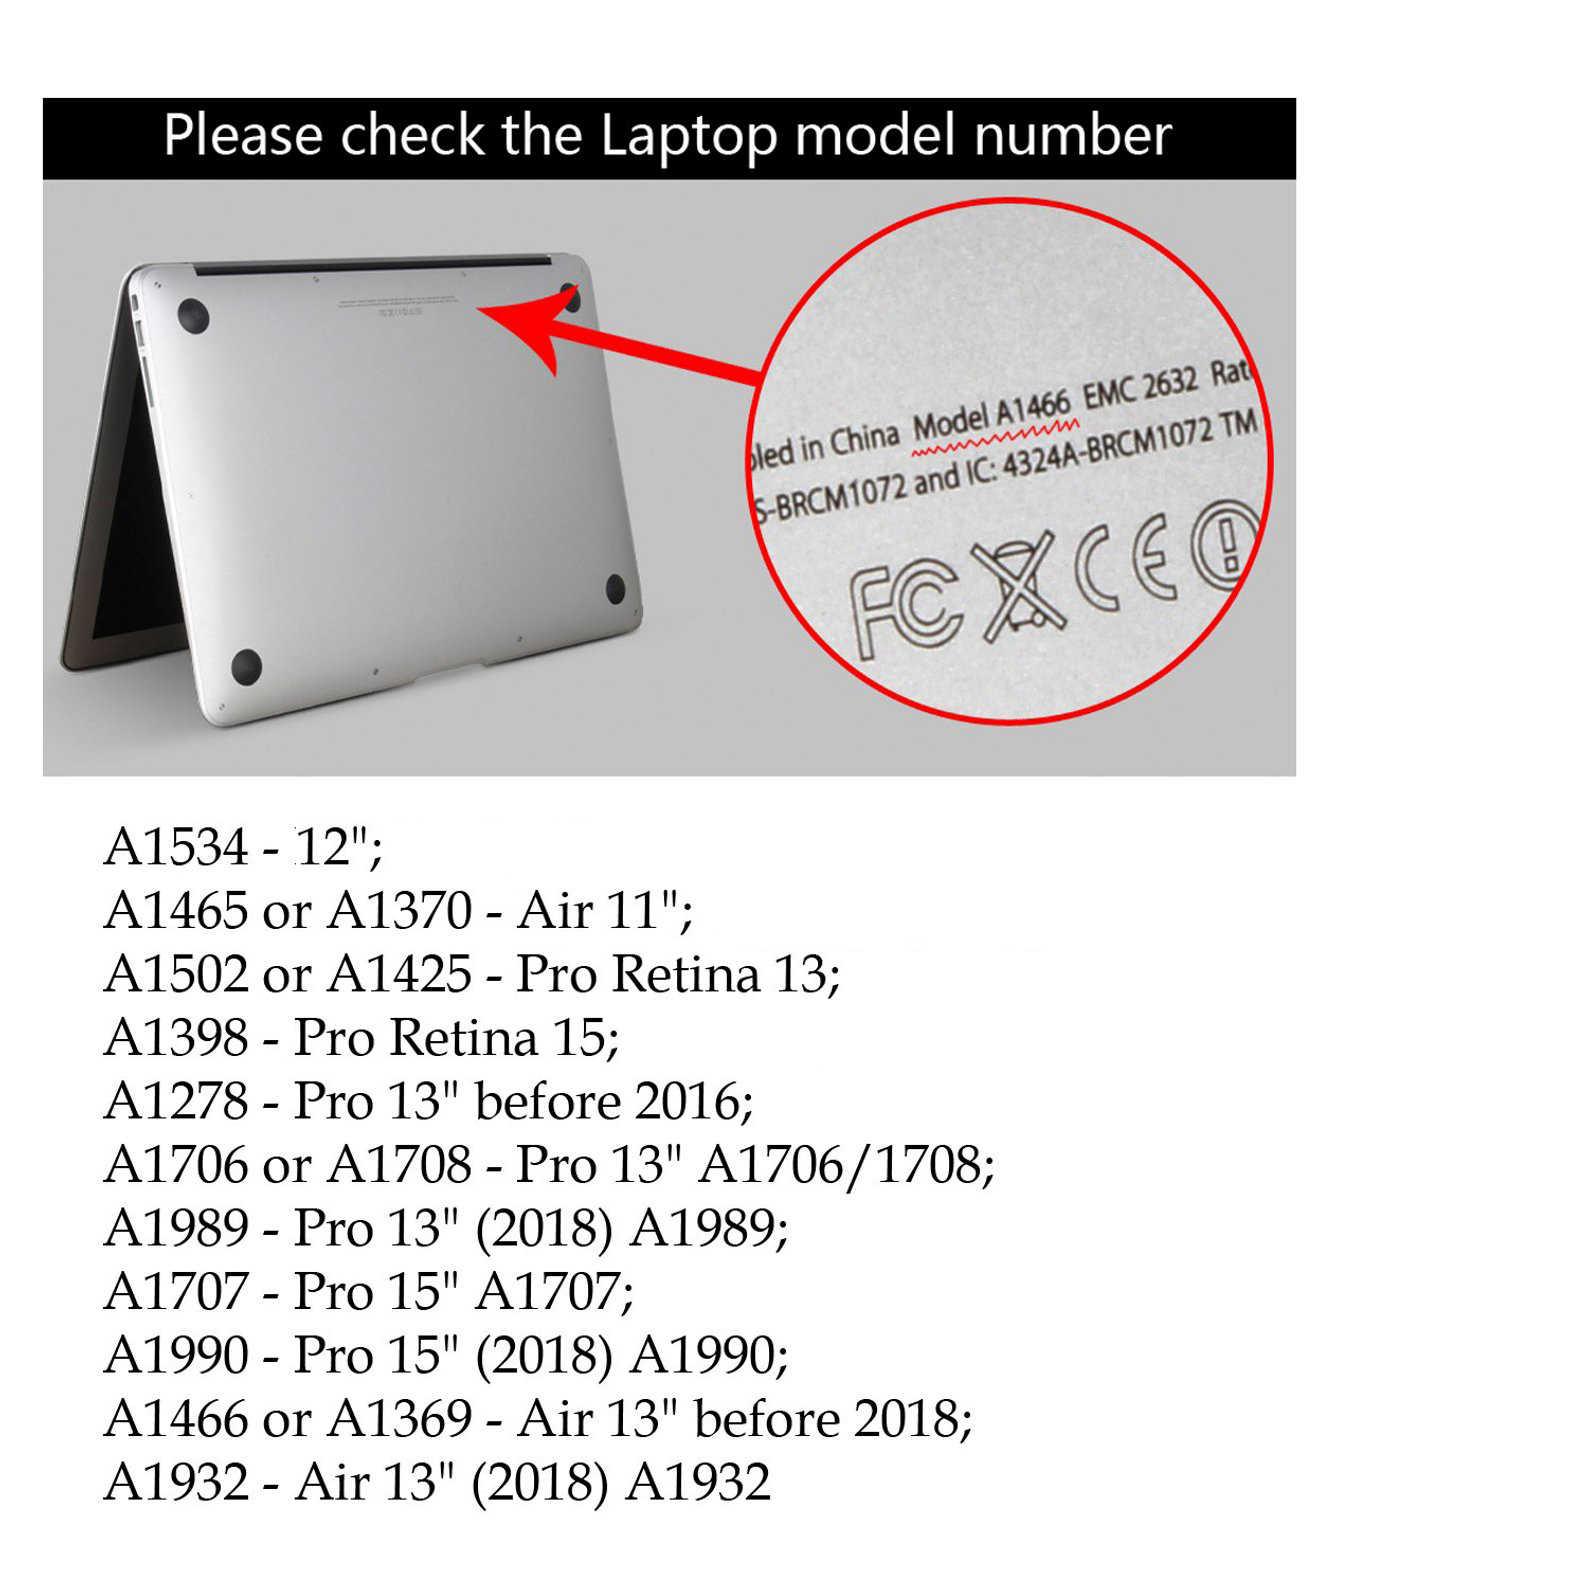 השיש מקרה עבור Macbook Air 13 אינץ קריסטל שקוף ברור כיסוי עבור Mac ספר A1466 A1369, עבור Macbook Air 13 מקרה A1932 2018